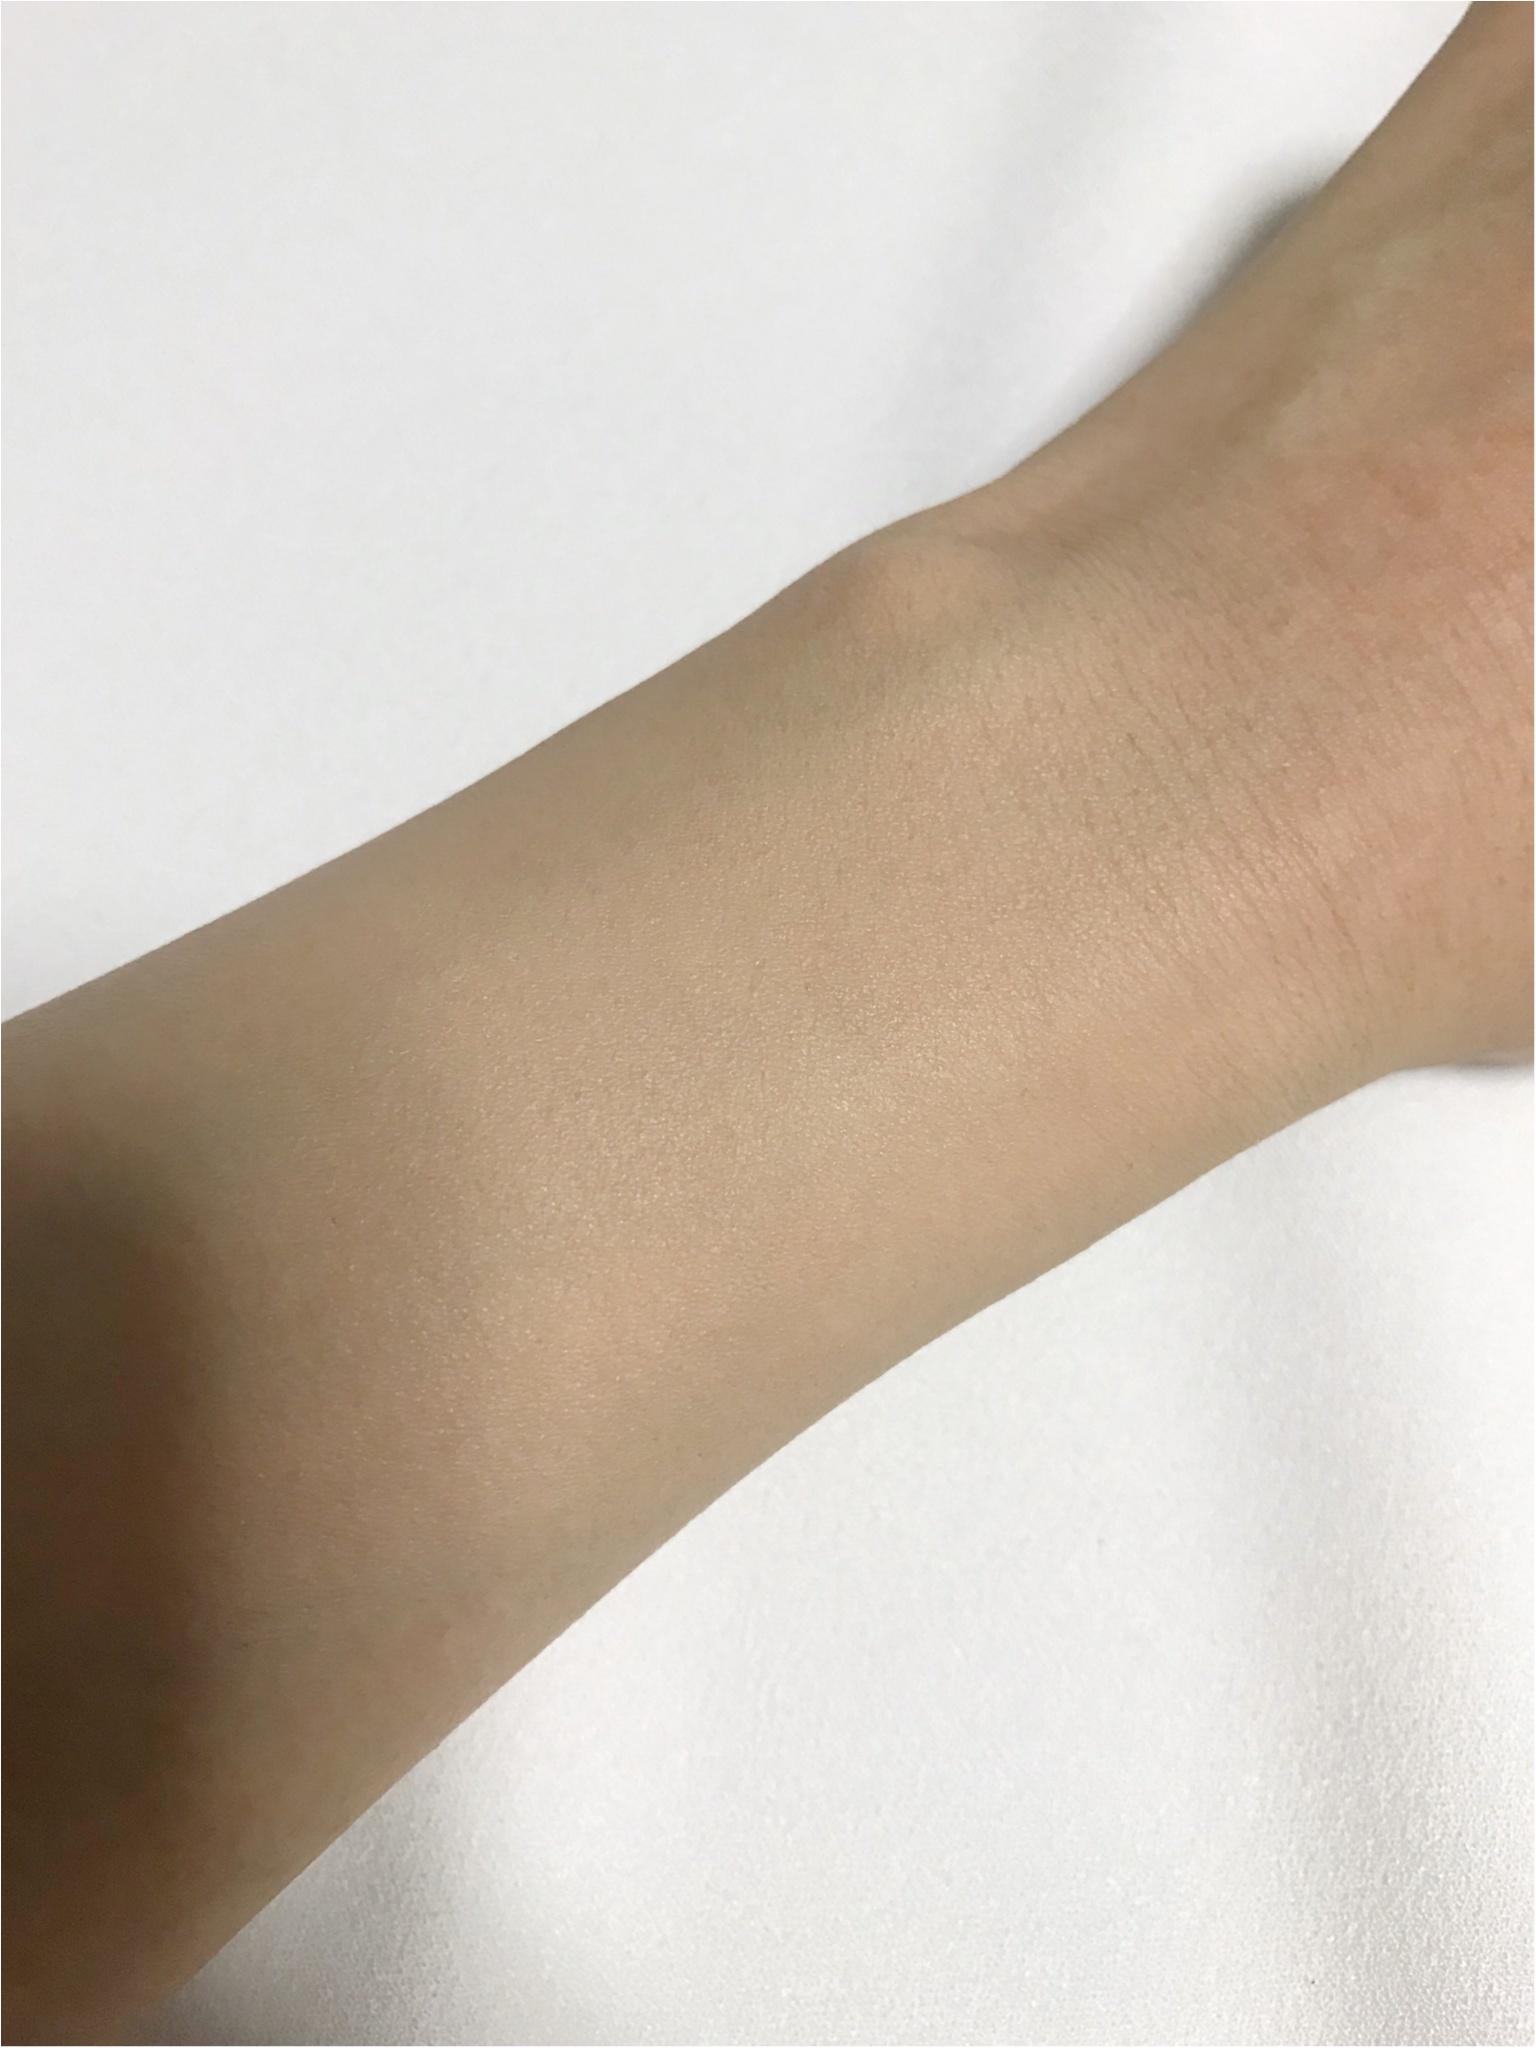 【最新2019年版】毛穴レス肌を目指せるプチプラスキンケア特集 - 化粧水やパックなど20代女子のおすすめは?_32